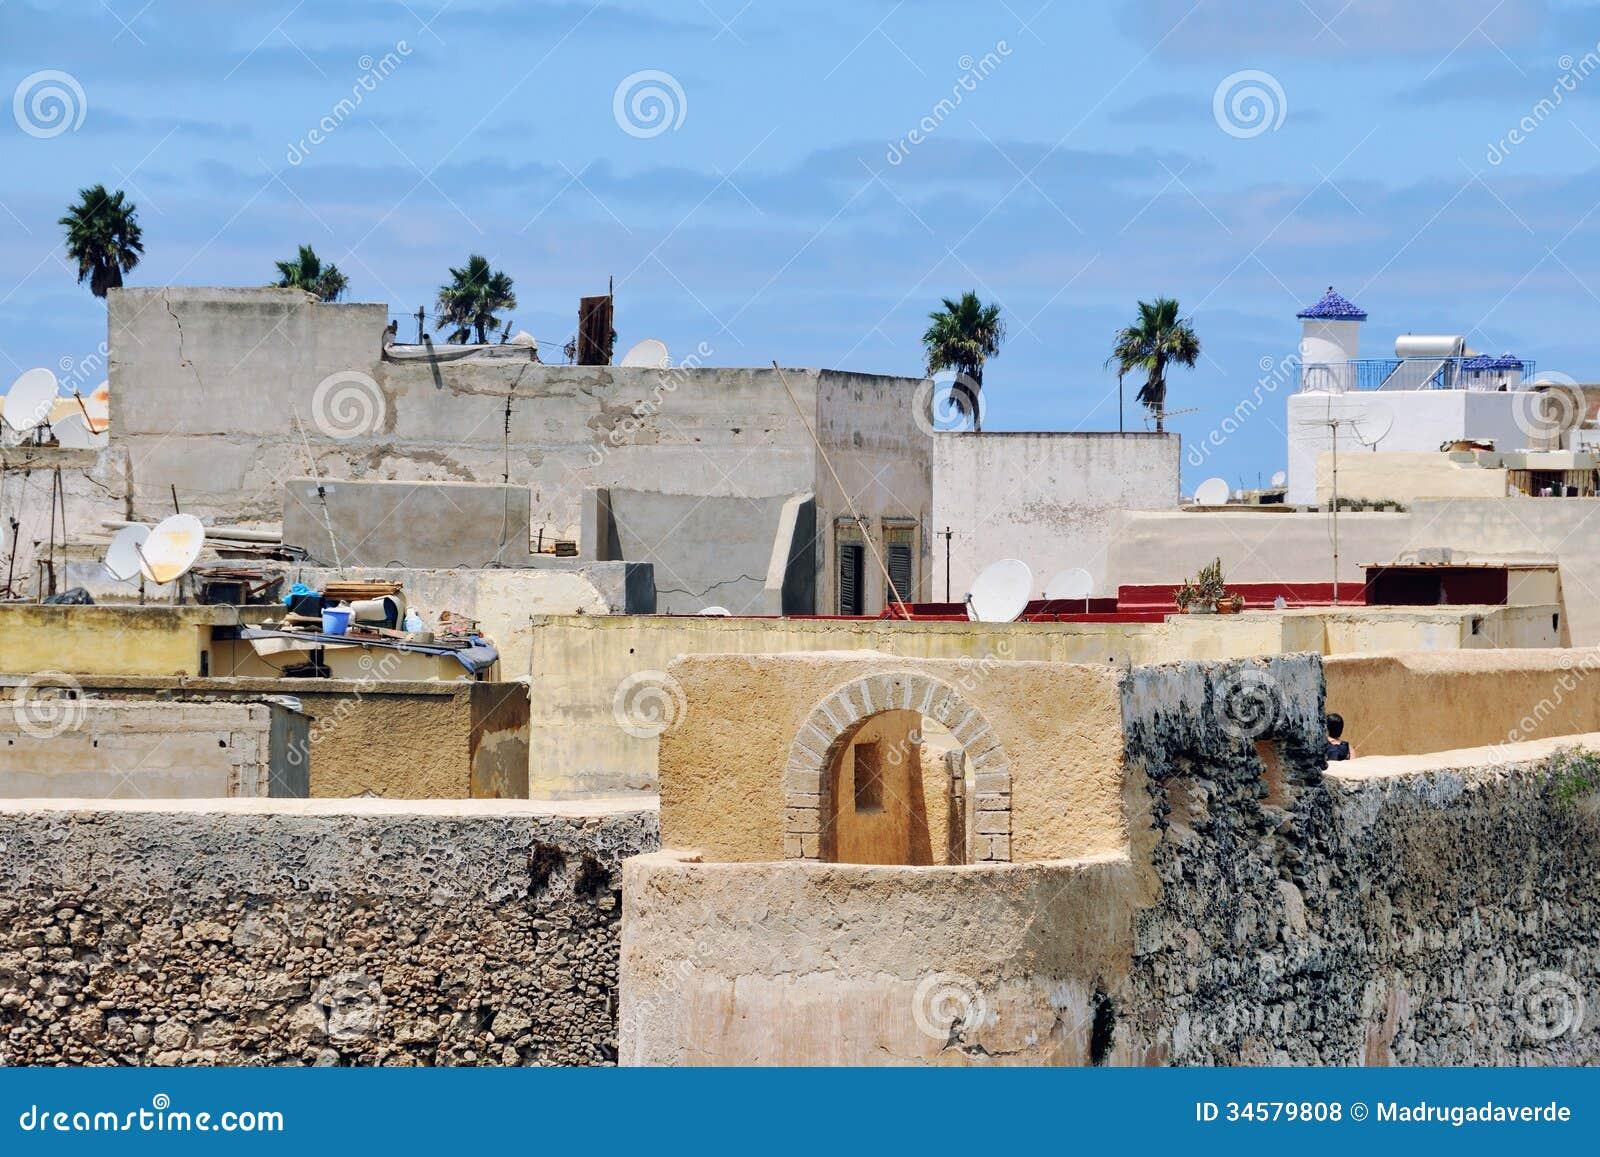 El Jadida Morocco  City new picture : Aerial view of old town of Mazagan, El Jadida, Morocco.